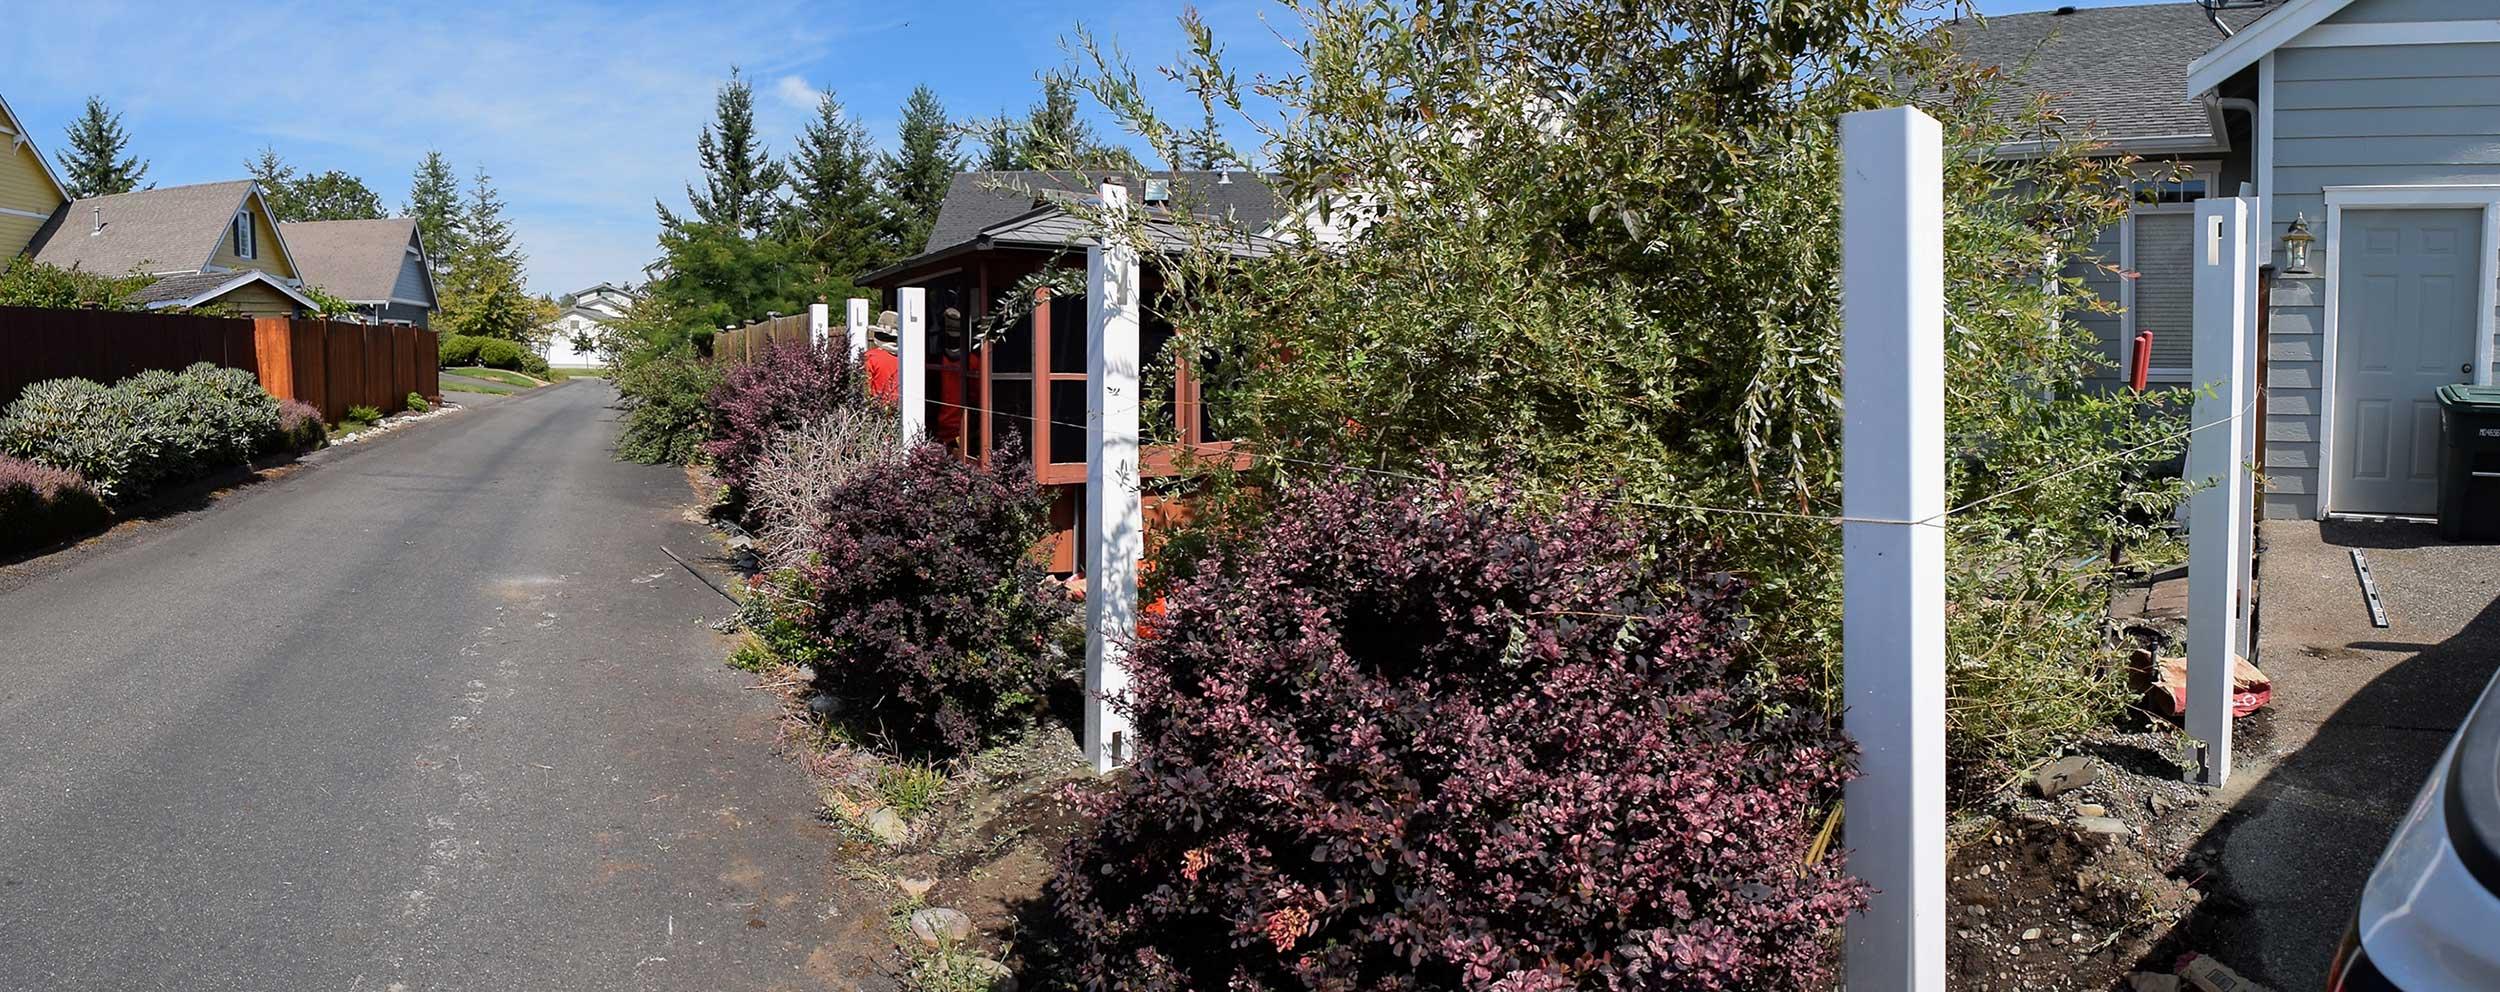 Vinyl fence installation dupont ajb landscaping fence click to enlarge image 01 vinylfenceg vinyl fence posts vinyl fence posts baanklon Image collections